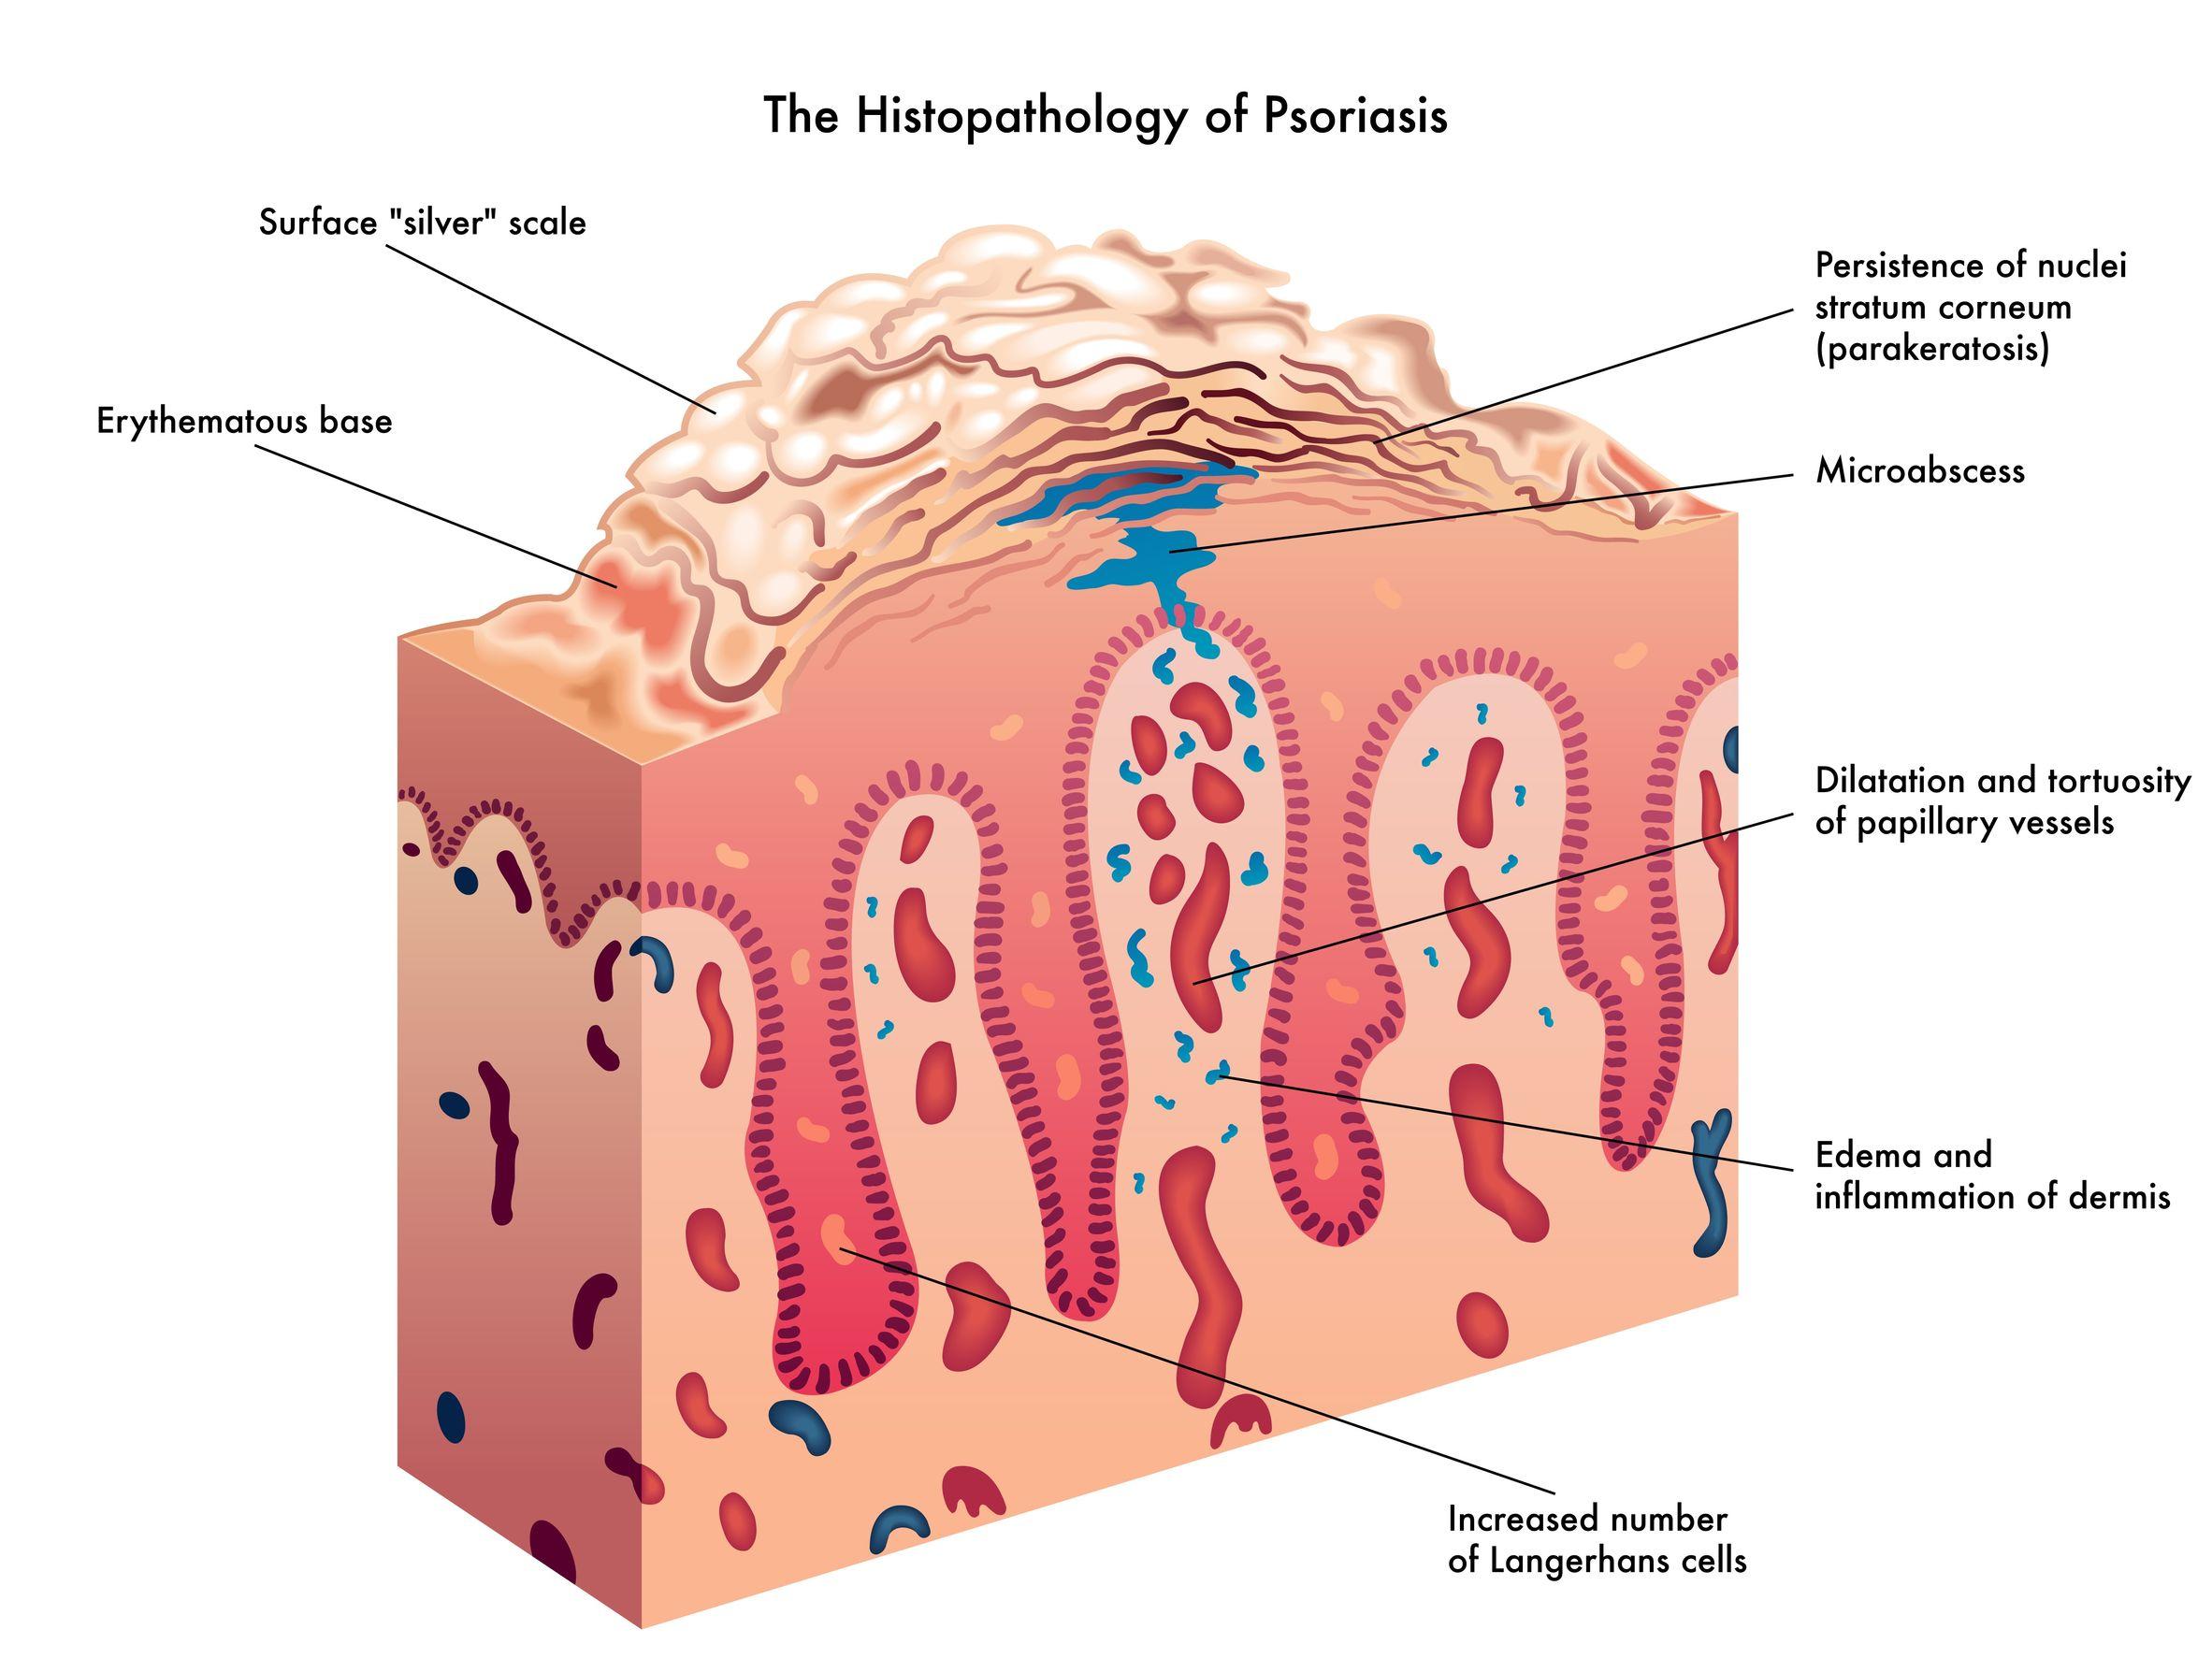 Jangan Heran Kalau Anak-Anak Juga Bisa Menderita Psoriasis